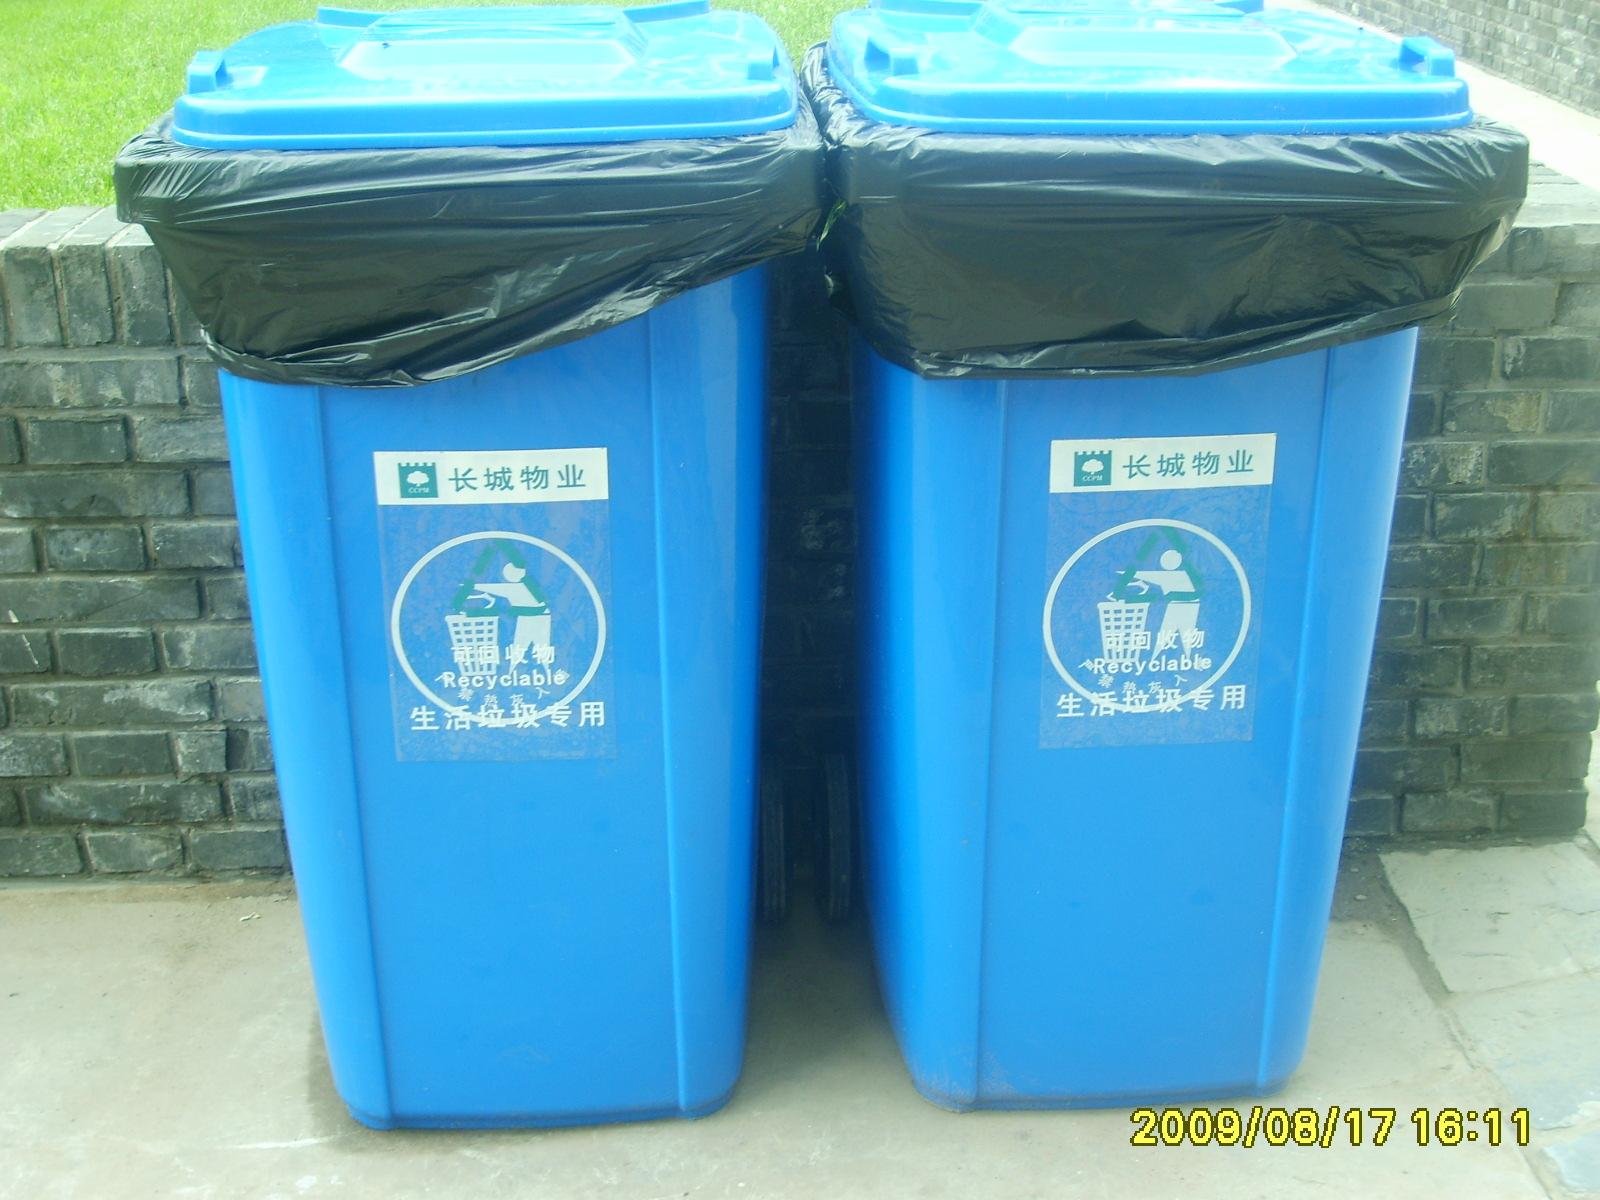 新更换的垃圾桶图片